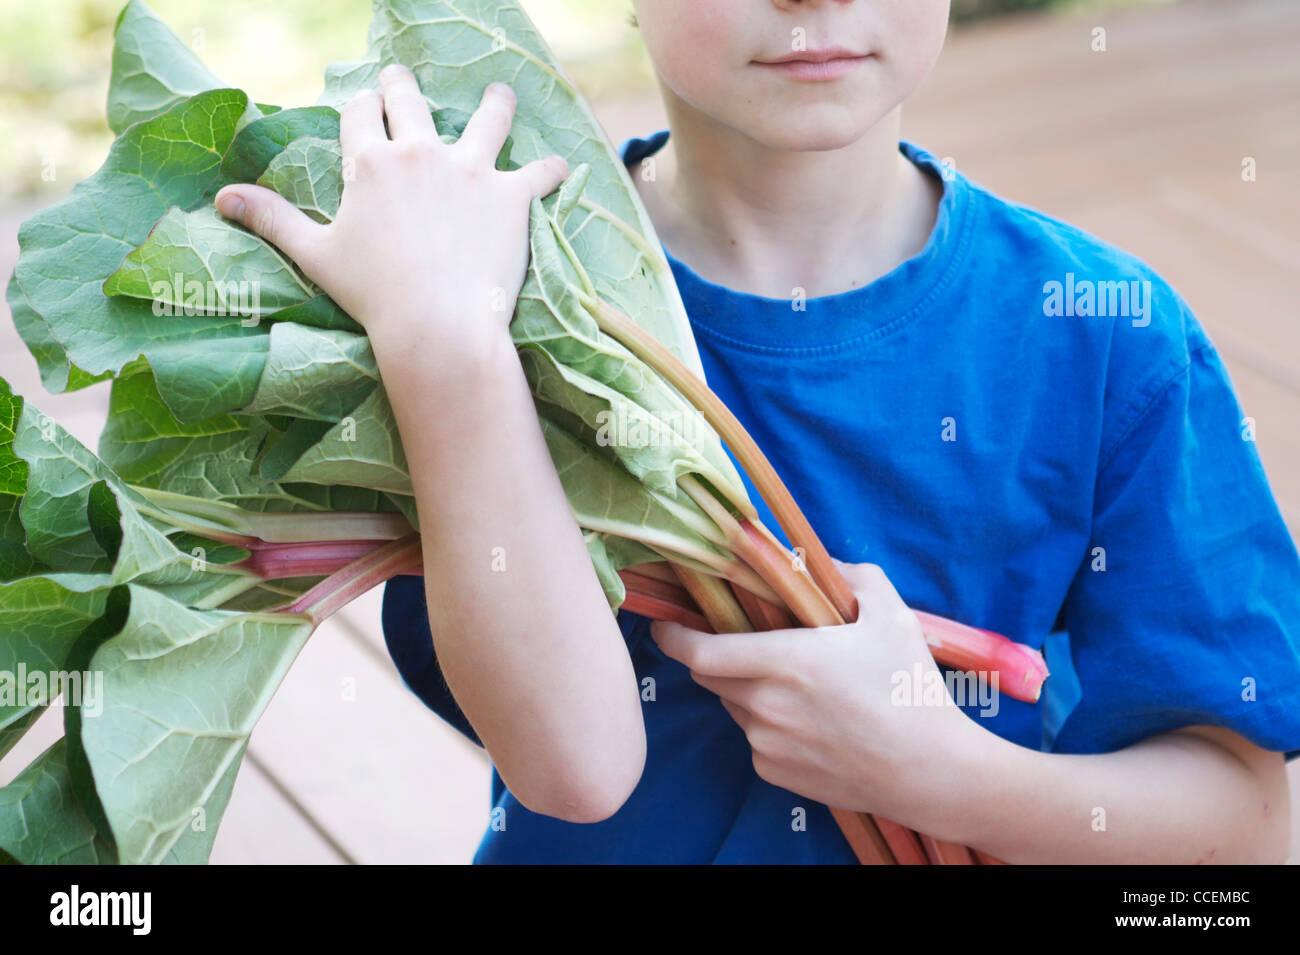 Les jeunes enfants biologiques fraîchement cueillis de la rhubarbe de son jardin. L'ingrédient idéal Photo Stock